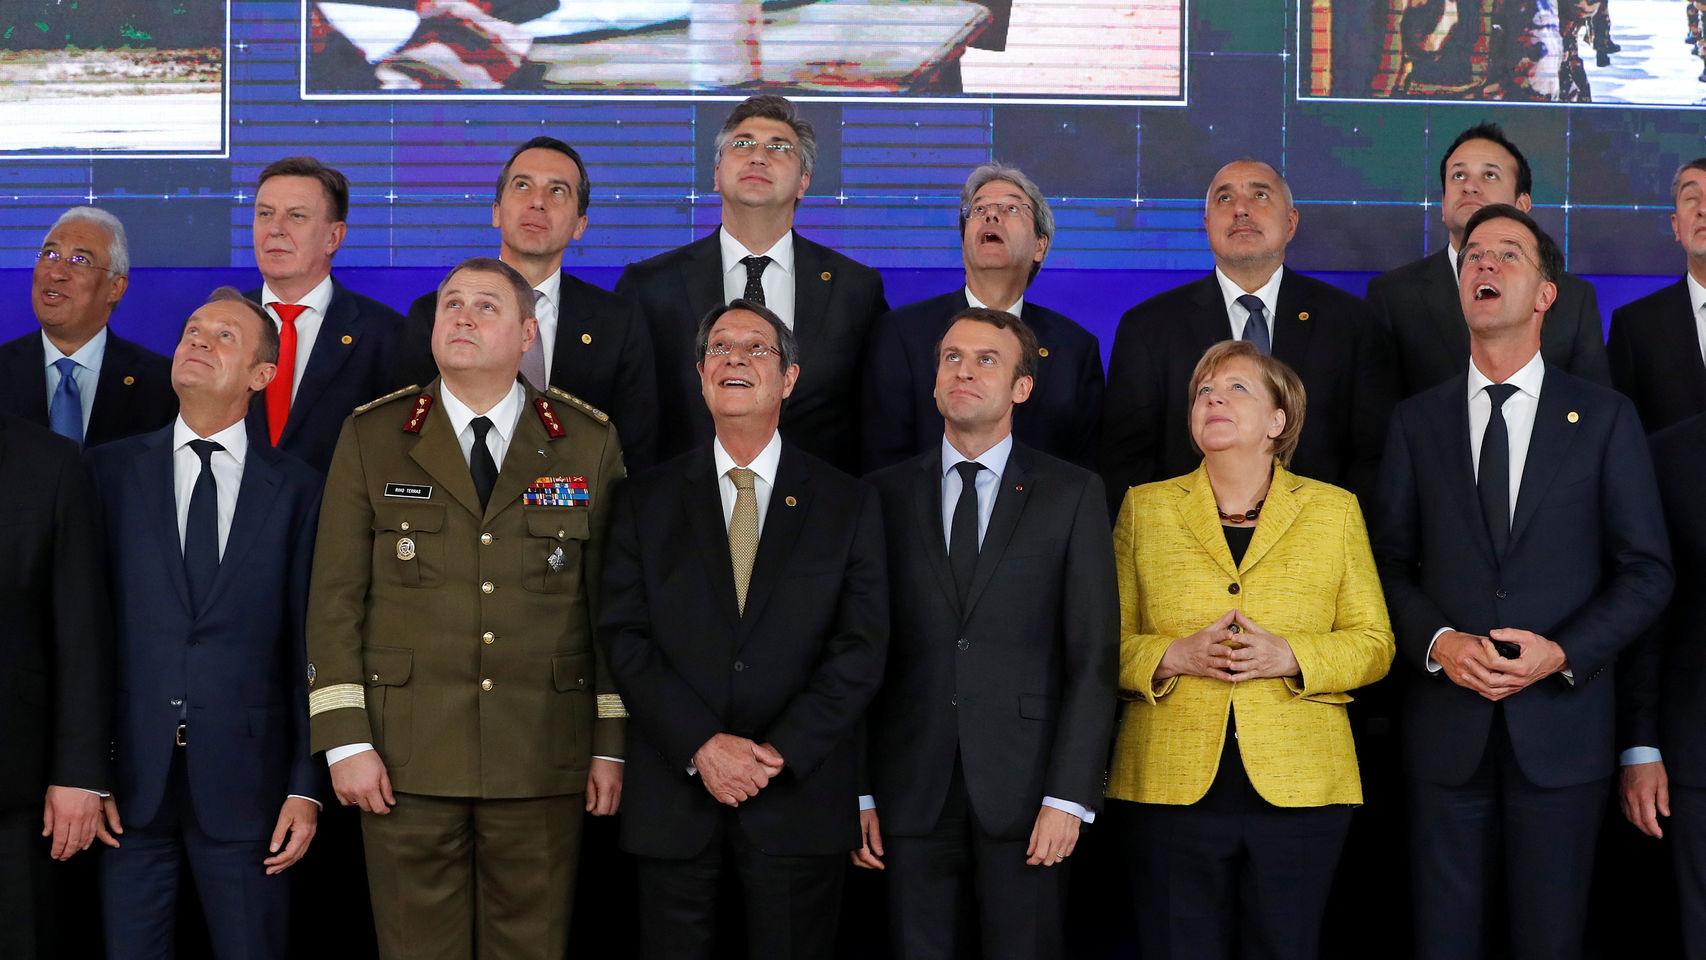 Líderes europeos durante el lanzamiento de la PESCO. Foto: Yves Herman/Reuters